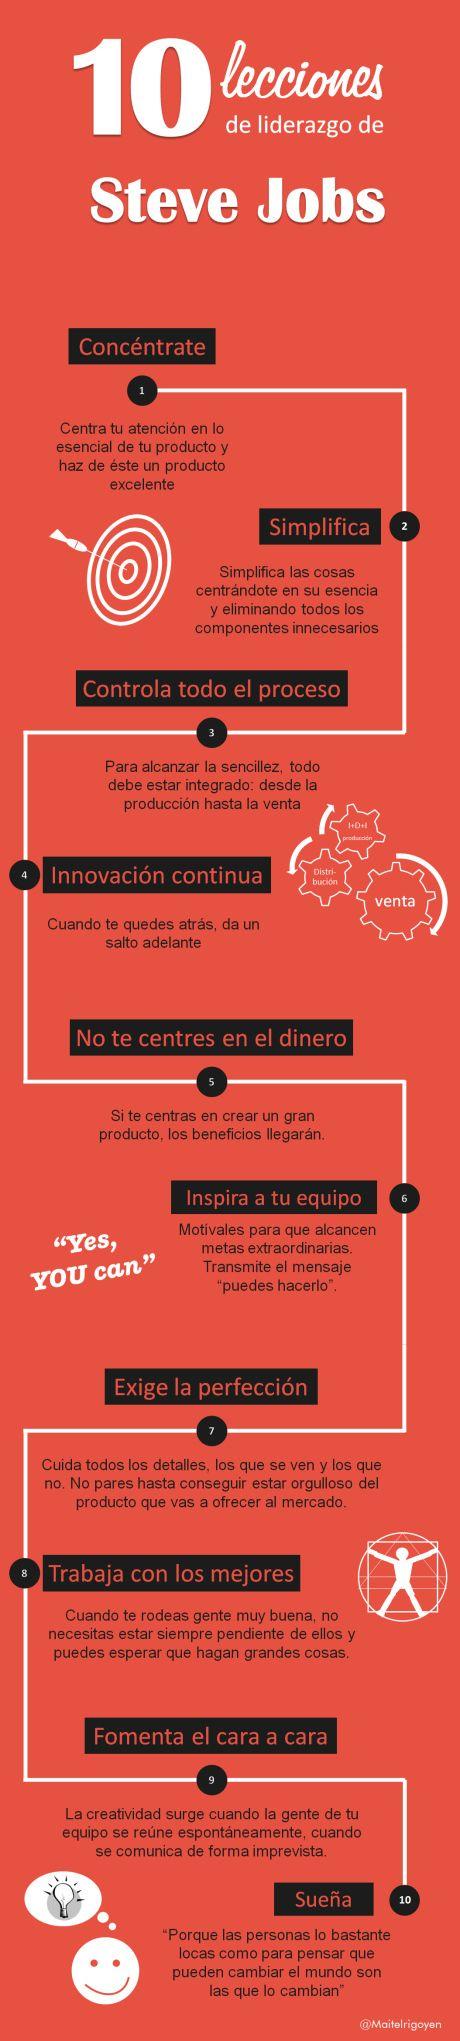 10 lecciones de liderazgo de Steve Jobs #infografia #infographic